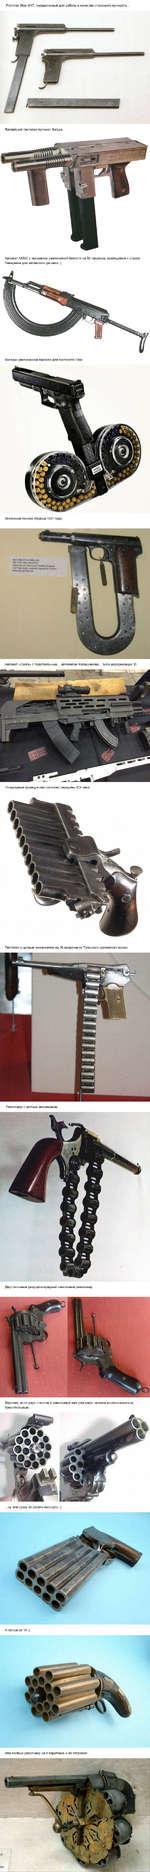 Frommer Stop M17, переделанный для работы в качестве станкового пулемёта... Латвийский пистолет-пулемет SerLea. Автомат АКМС с магазином увеличенной ёмкости на 80 патронов, крепящимся к стволу. Наверняка для китайского десанта :) Магазин увеличенной ёмкости для пистолета Глок Испанский Ascaso о